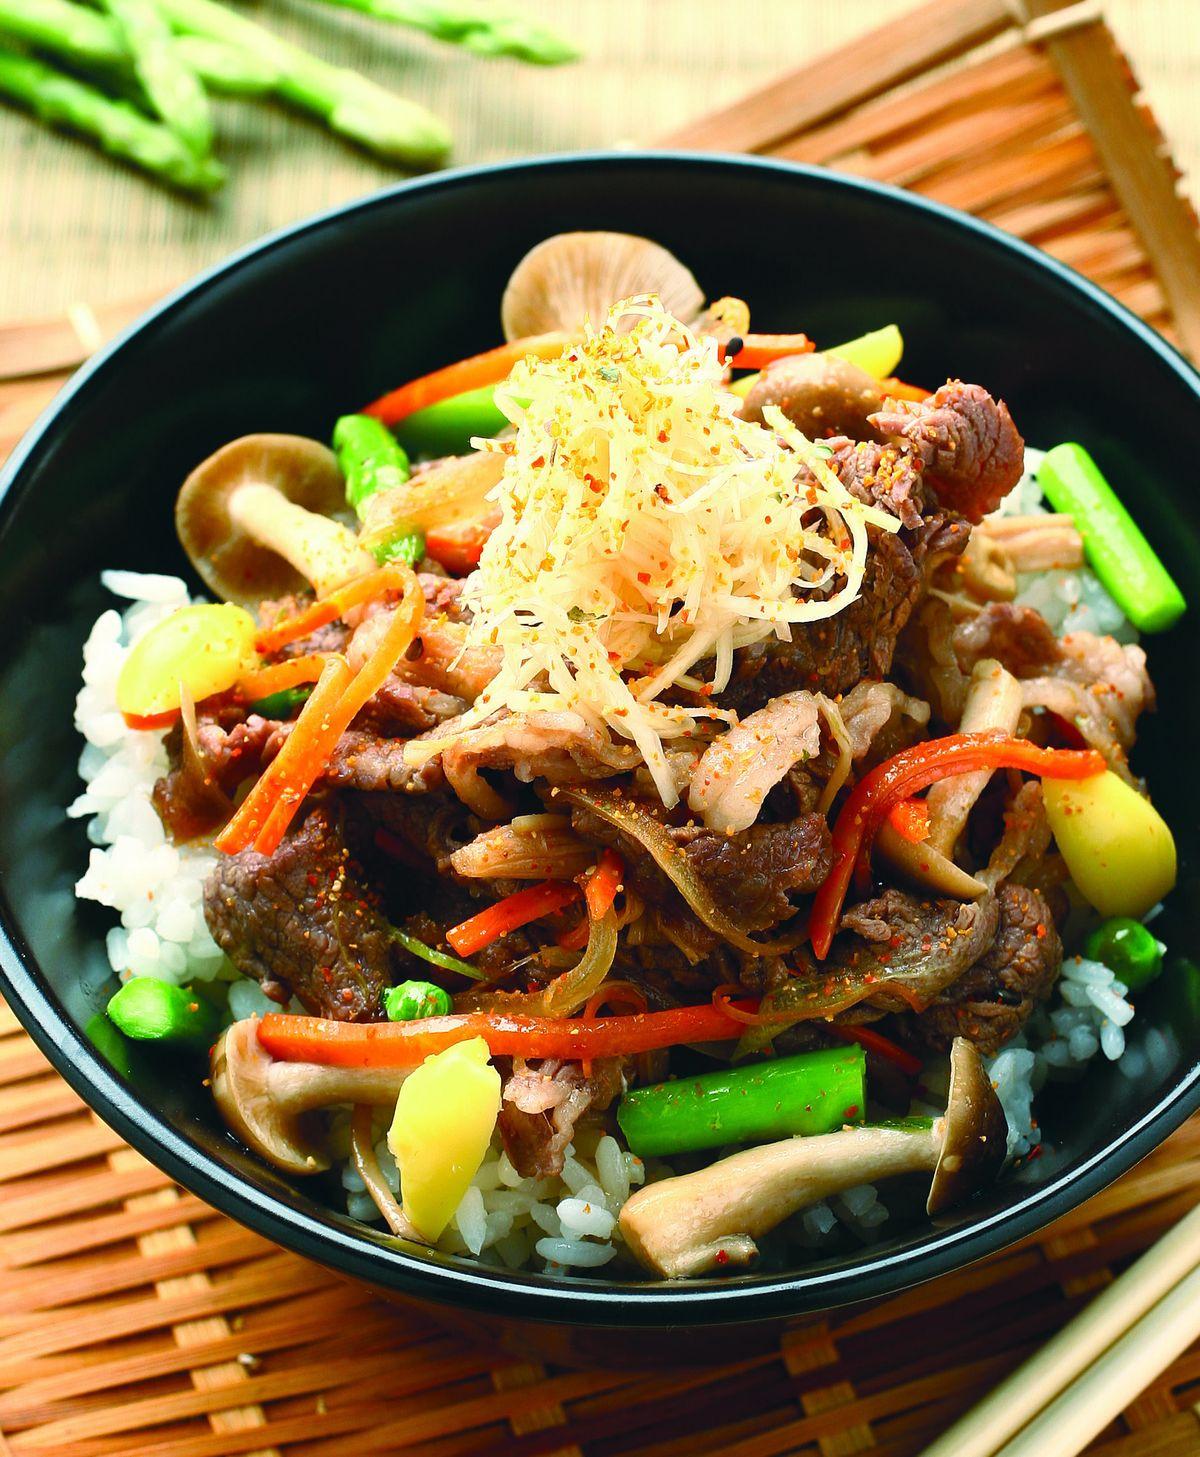 食譜:薑汁牛肉蓋飯